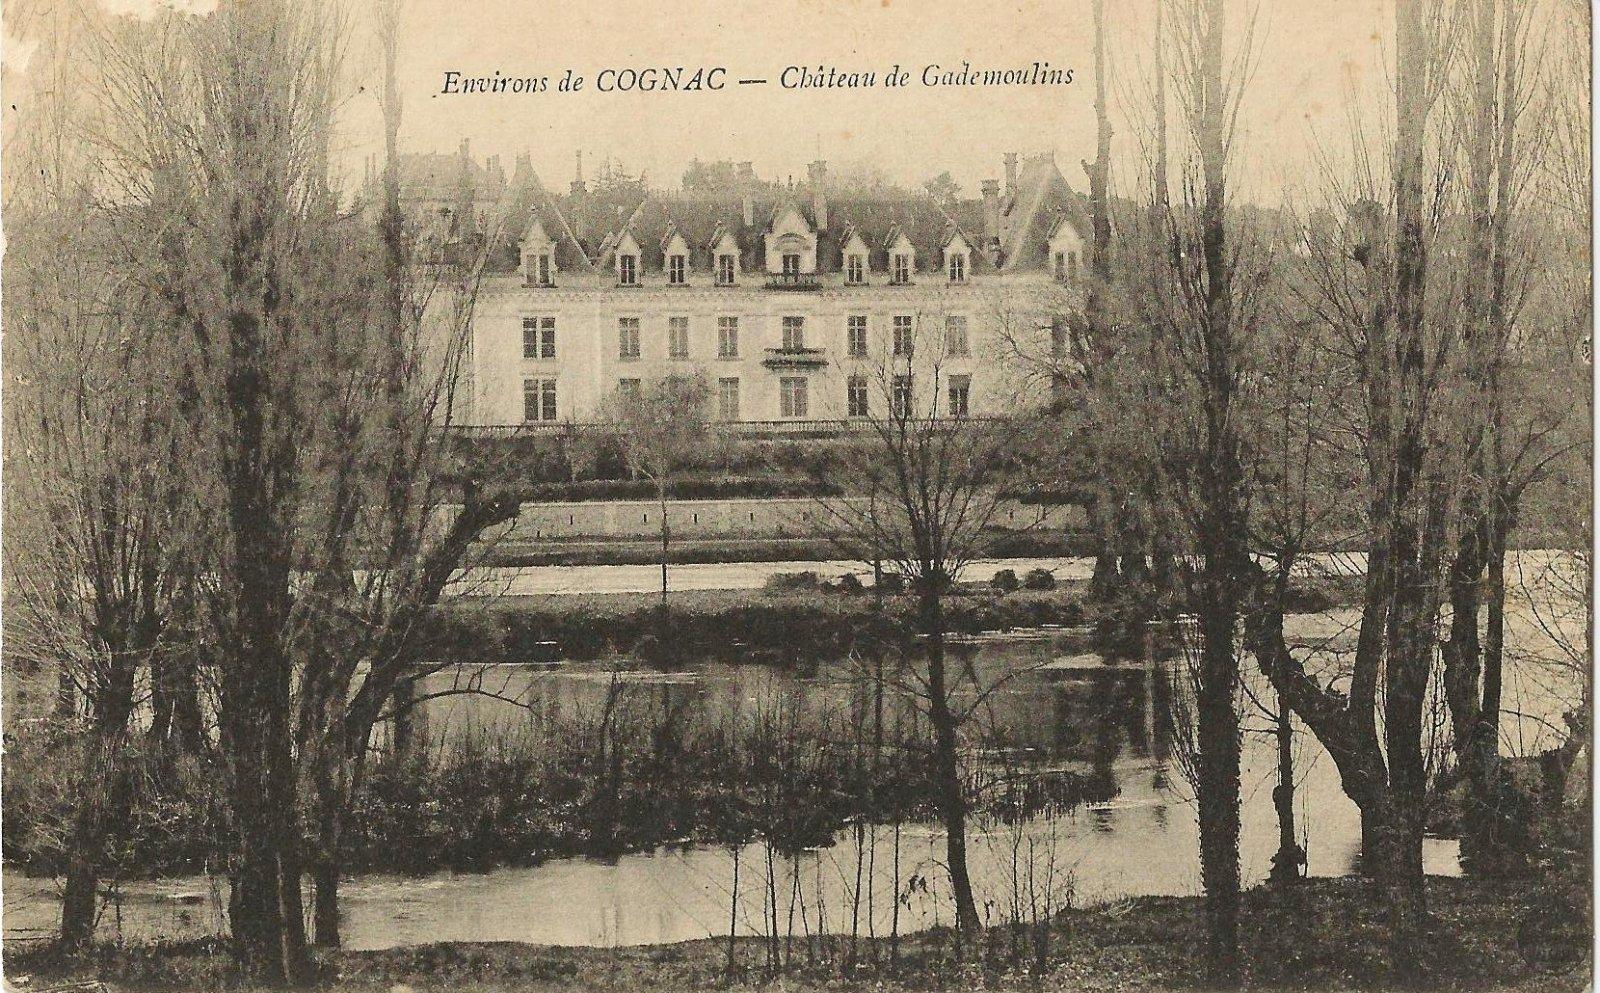 chateau de gademoulins cognac 1915